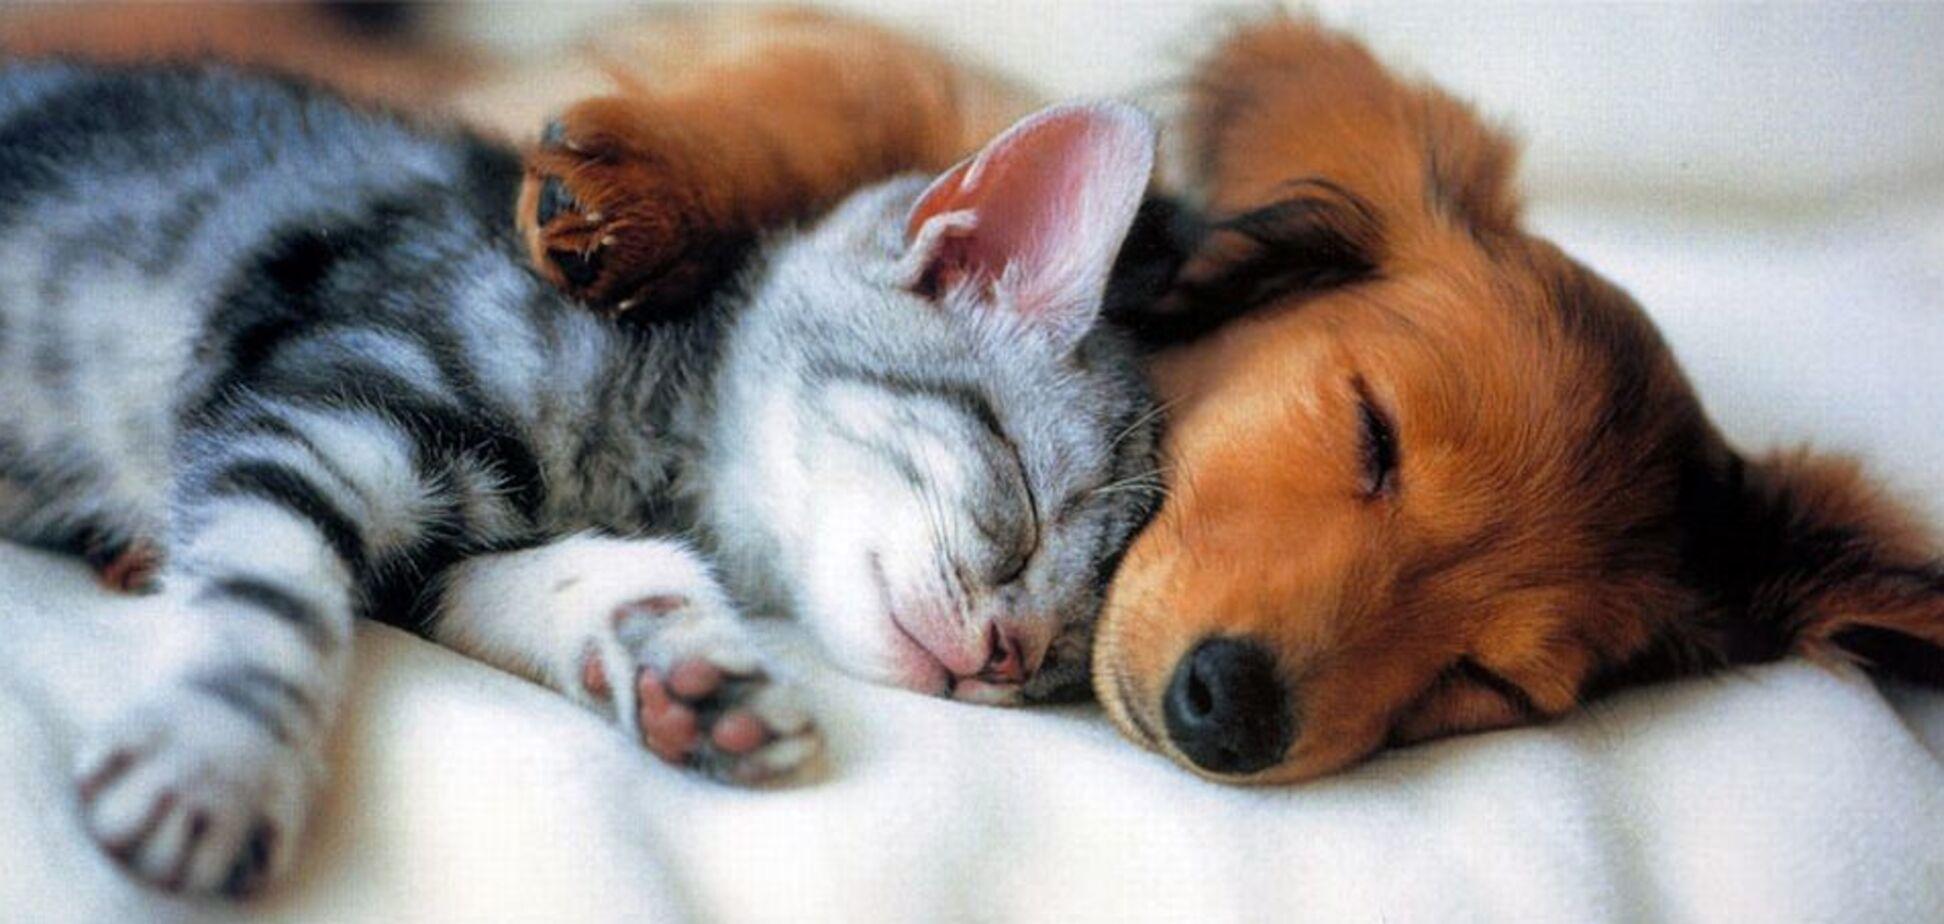 Запретить продажу кошек и собак: в Украине предложили радикальный шаг